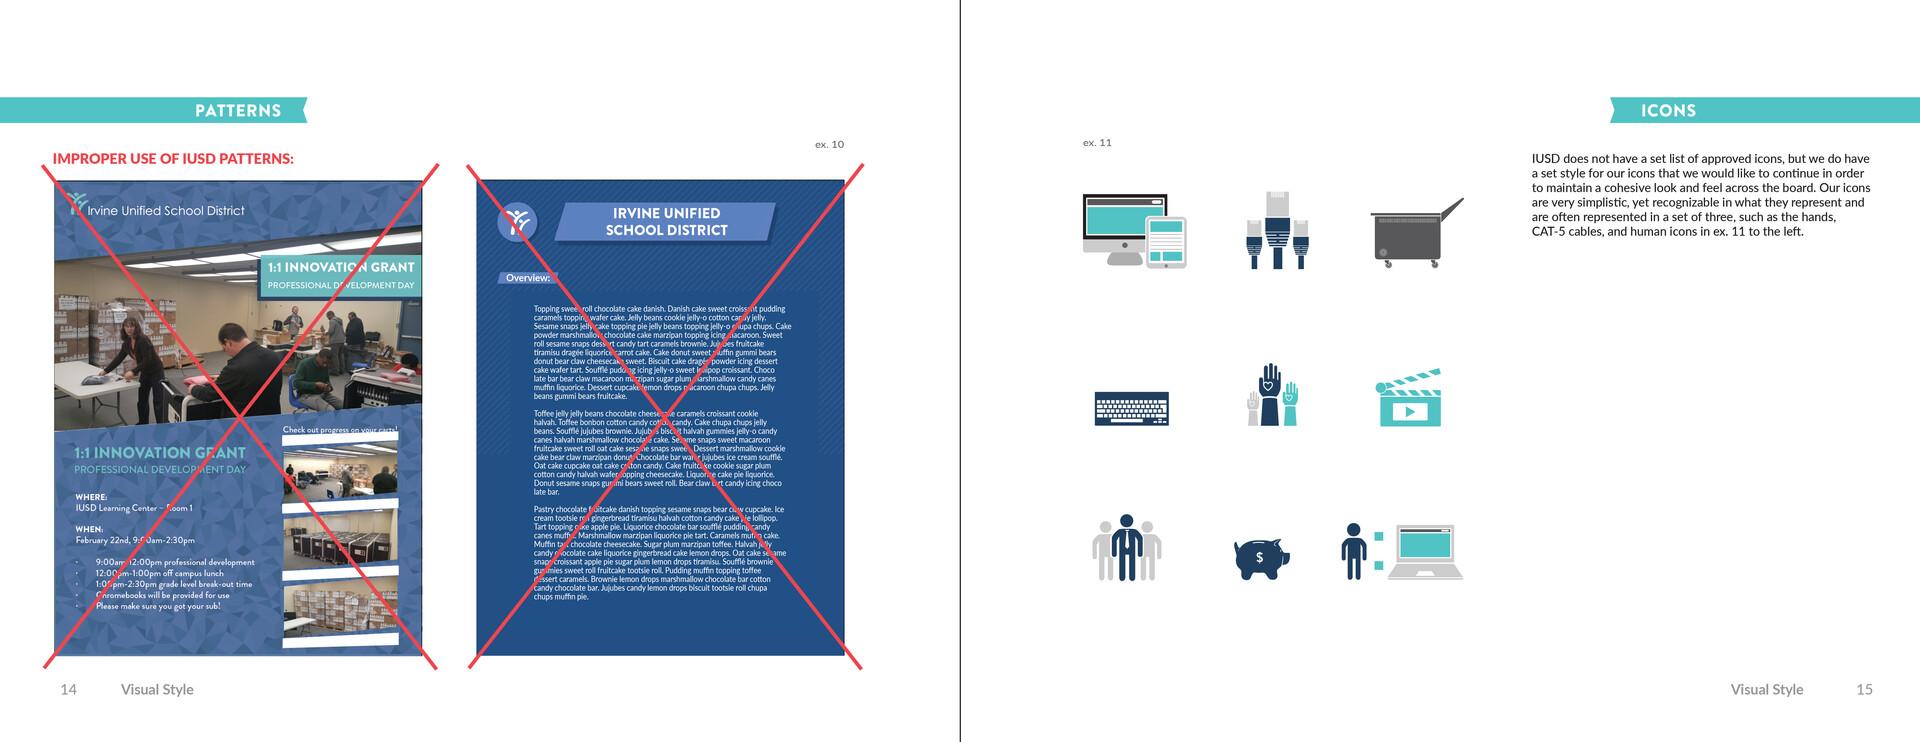 Kyle miller iusd branding manual web june 8